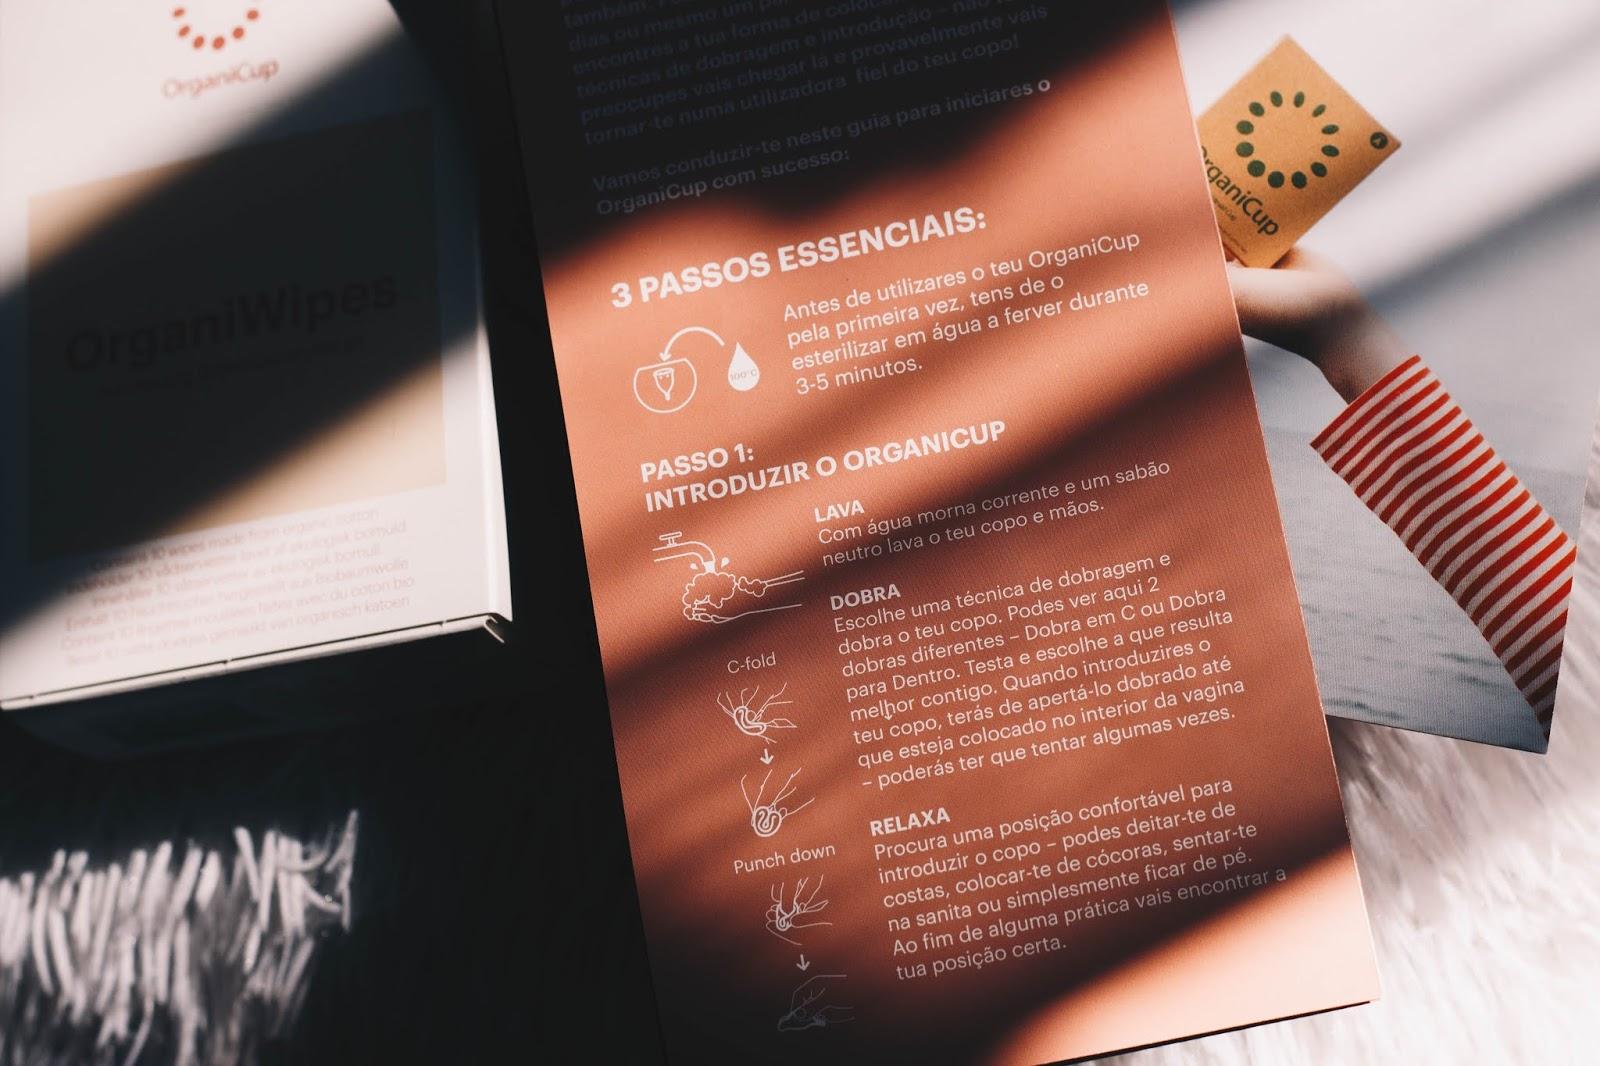 Fazer a transição para o copo menstrual já estava na minha bucket list há algum tempo. O copo menstrual não é nenhuma novidade no mercado, mas ainda assim parece haver um certo tabu em torno do assunto. A OrganiCup foi fundada em Copenhaga, e chegou há pouco a Portugal.  Este copinho dura até 10 anos e é feito de silicone médico, com certificado hipoalergénico, totalmente vegan e cruelty-free.     Após dois ciclos menstruais de utilização, esta foi a minha experiência. #newperiod Clica para ler mais!